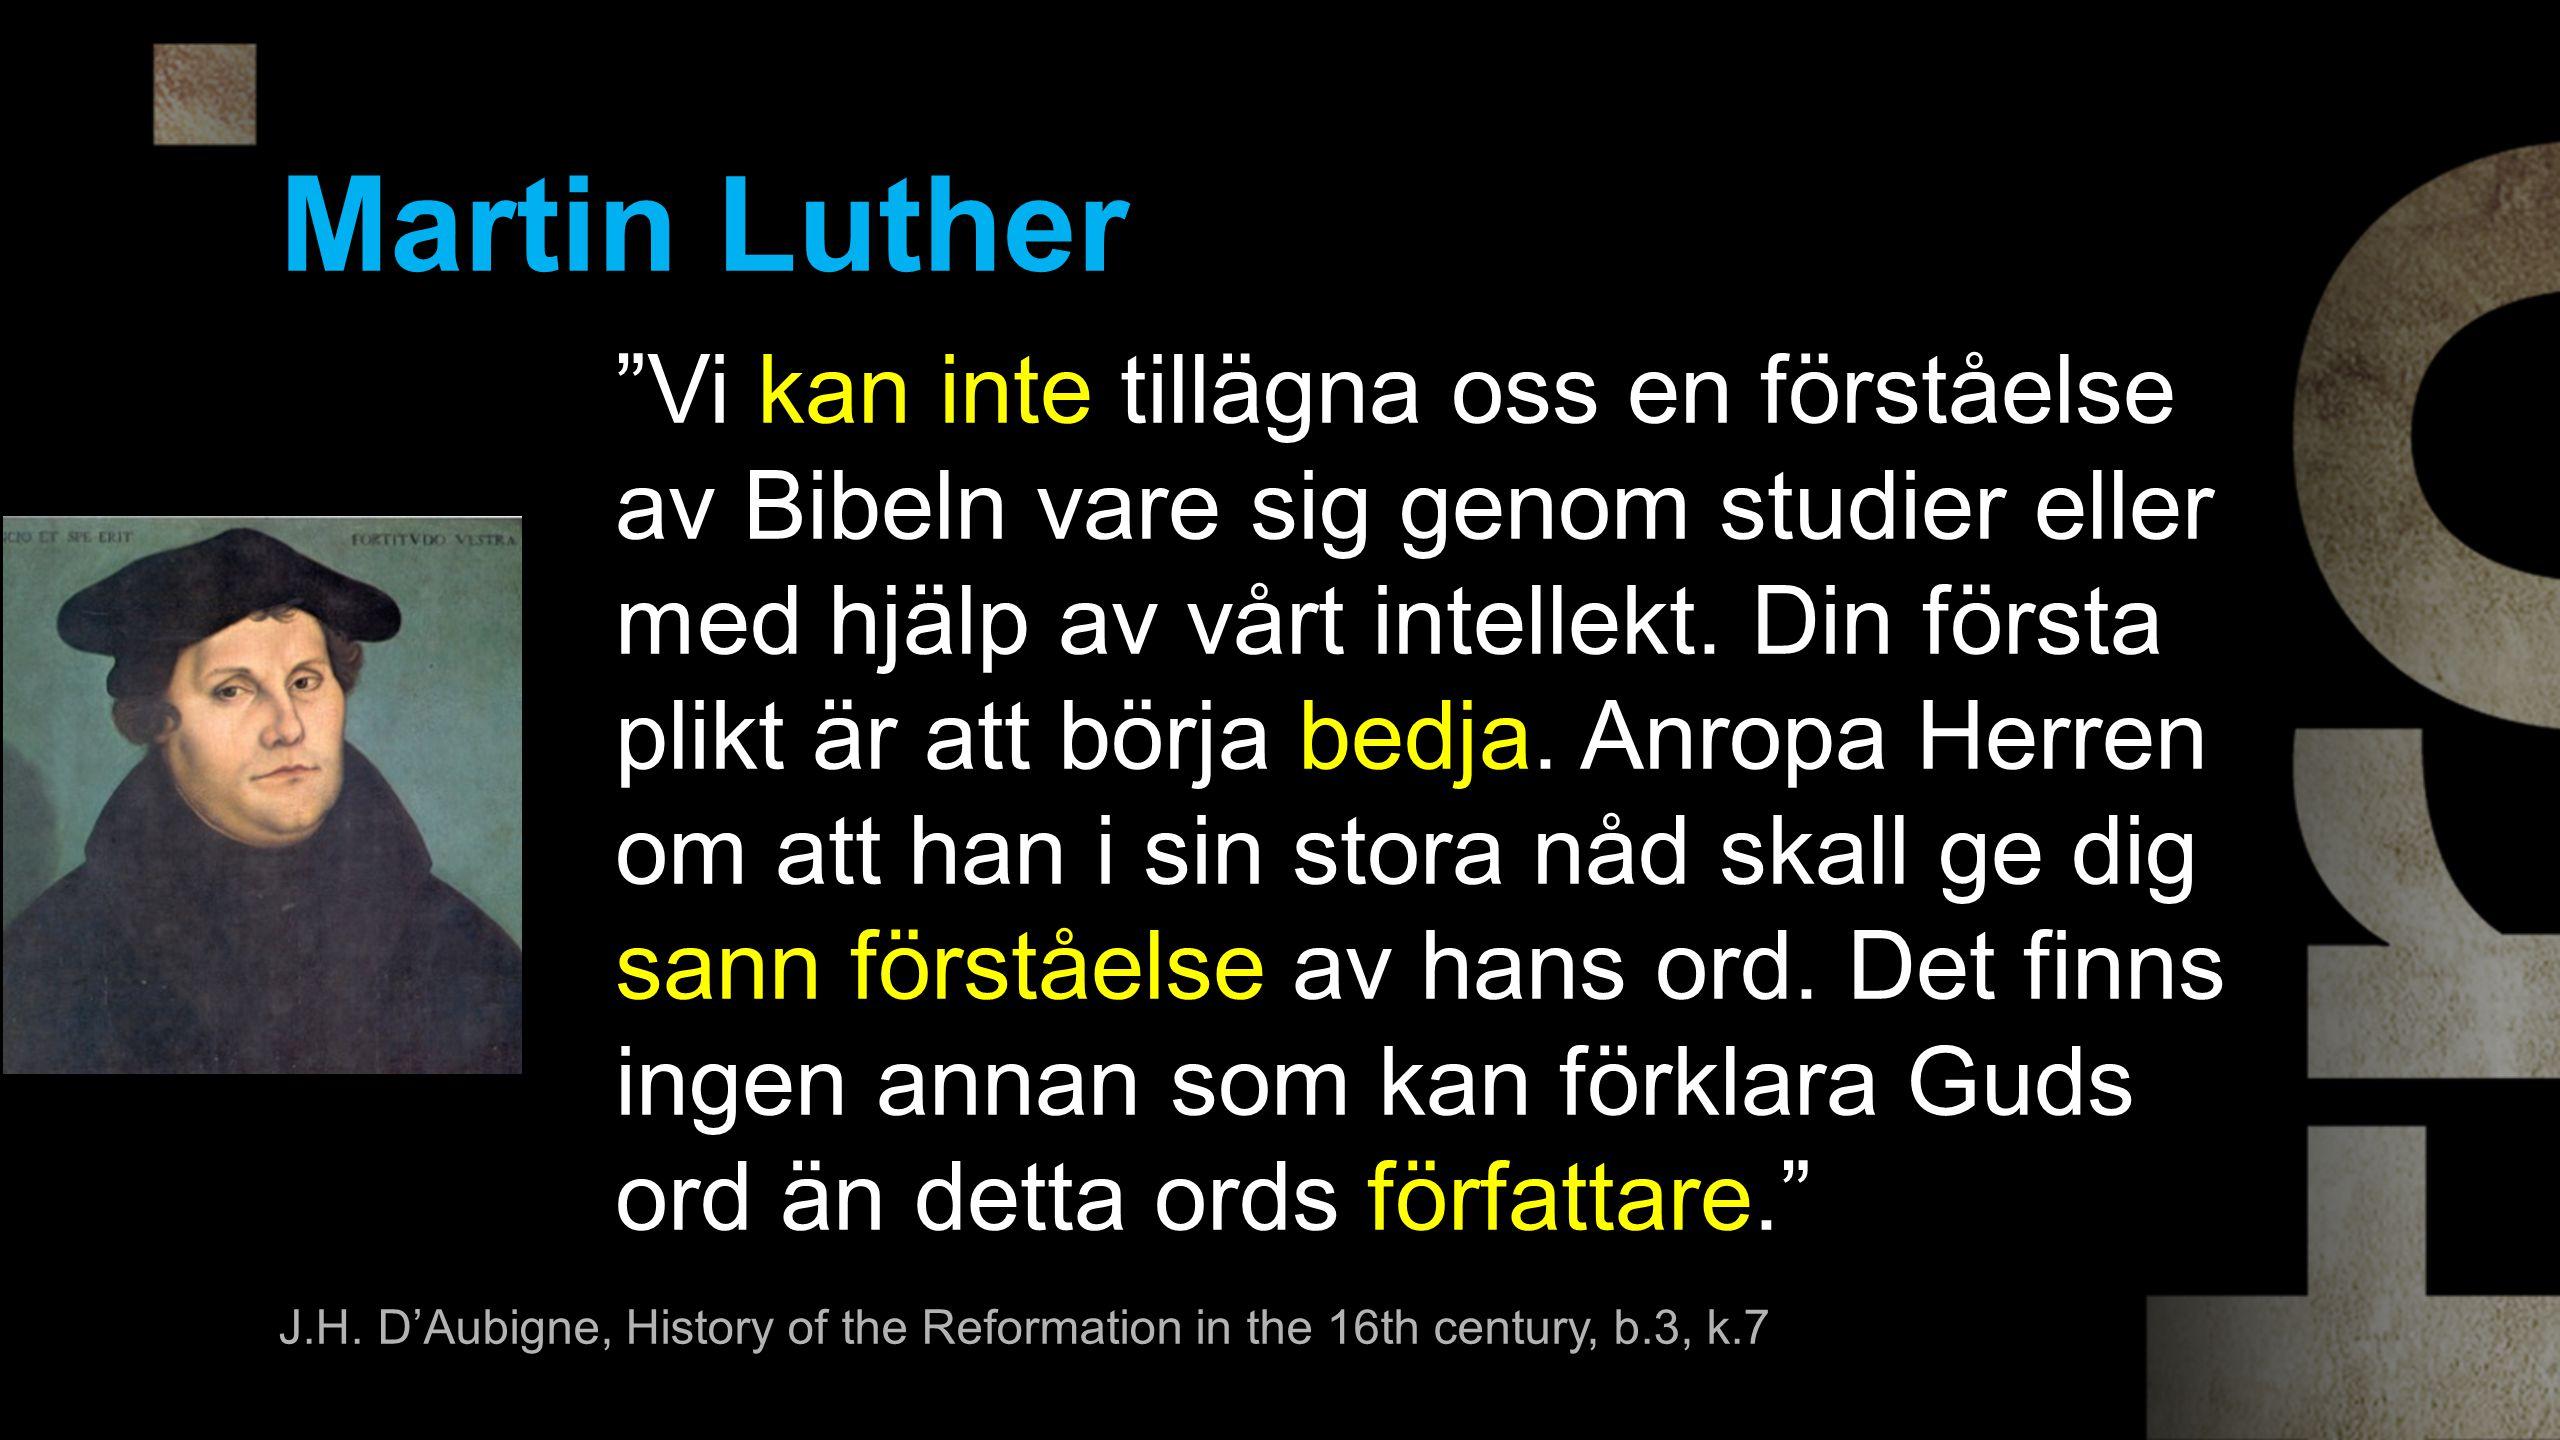 Martin Luther Vi kan inte tillägna oss en förståelse av Bibeln vare sig genom studier eller med hjälp av vårt intellekt.